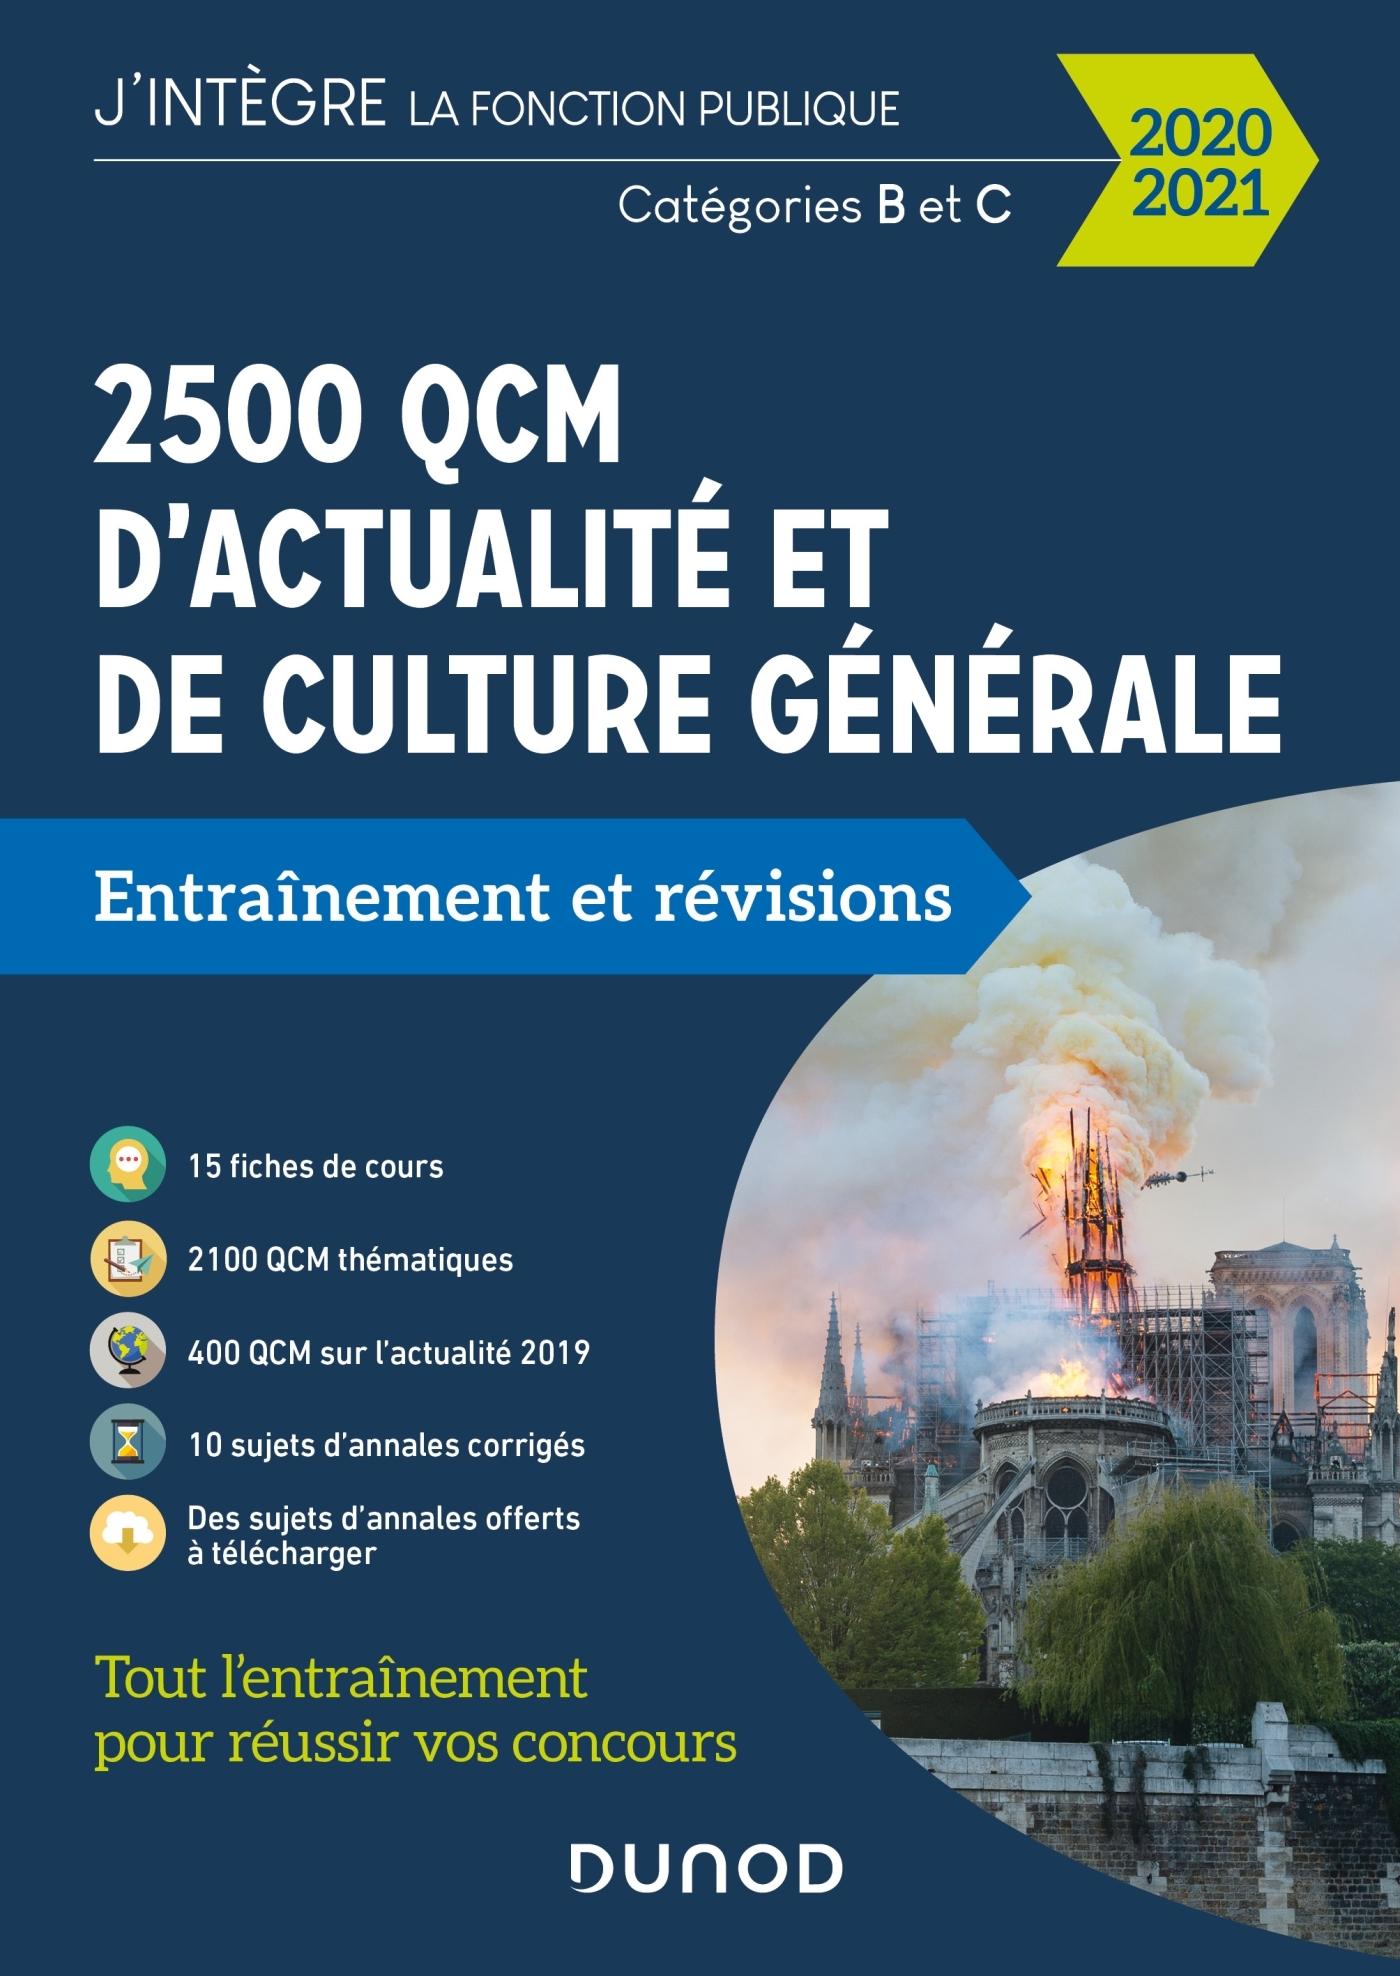 2500 QCM D'ACTUALITE ET DE CULTURE GENERALE POUR REUSSIR VOS CONCOURS 2020-2021 - CATEGORIE B ET C -